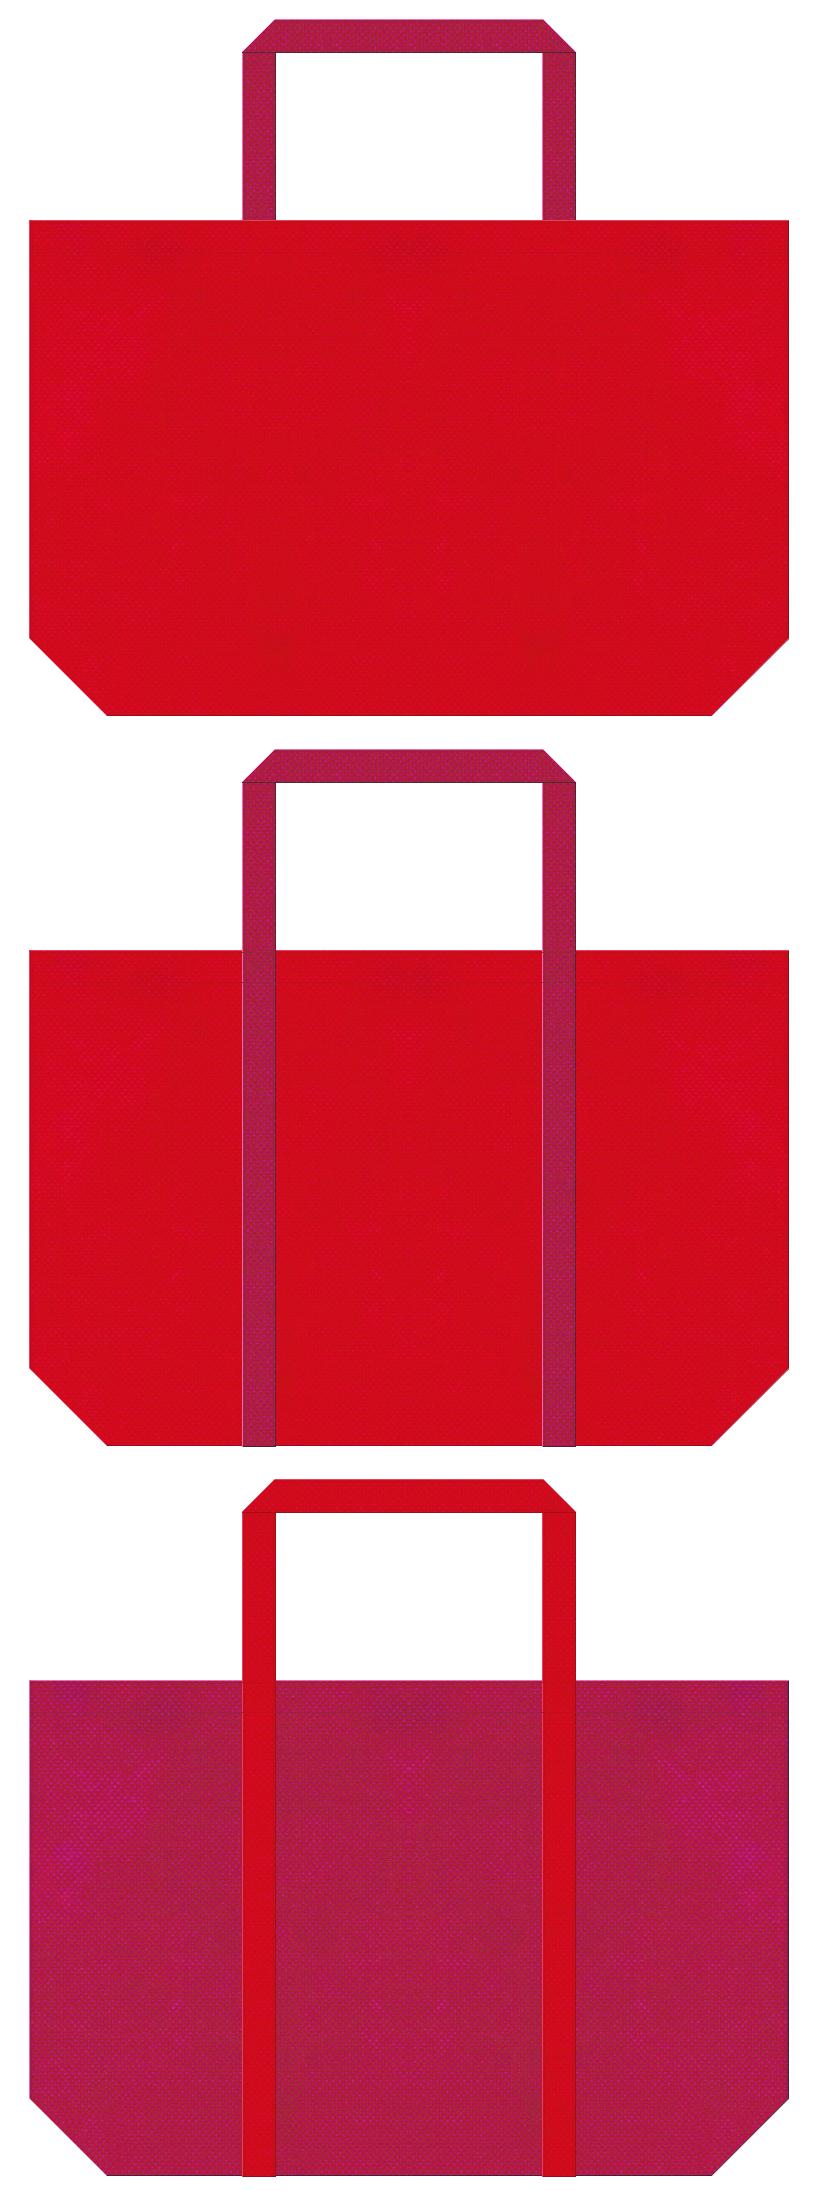 祇園・舞妓・絢爛・花吹雪・茶会・和傘・邦楽演奏会・観光土産・お祭り・法被・お正月・和風催事・福袋にお奨めの不織布バッグデザイン:紅色と濃いピンク色のコーデ